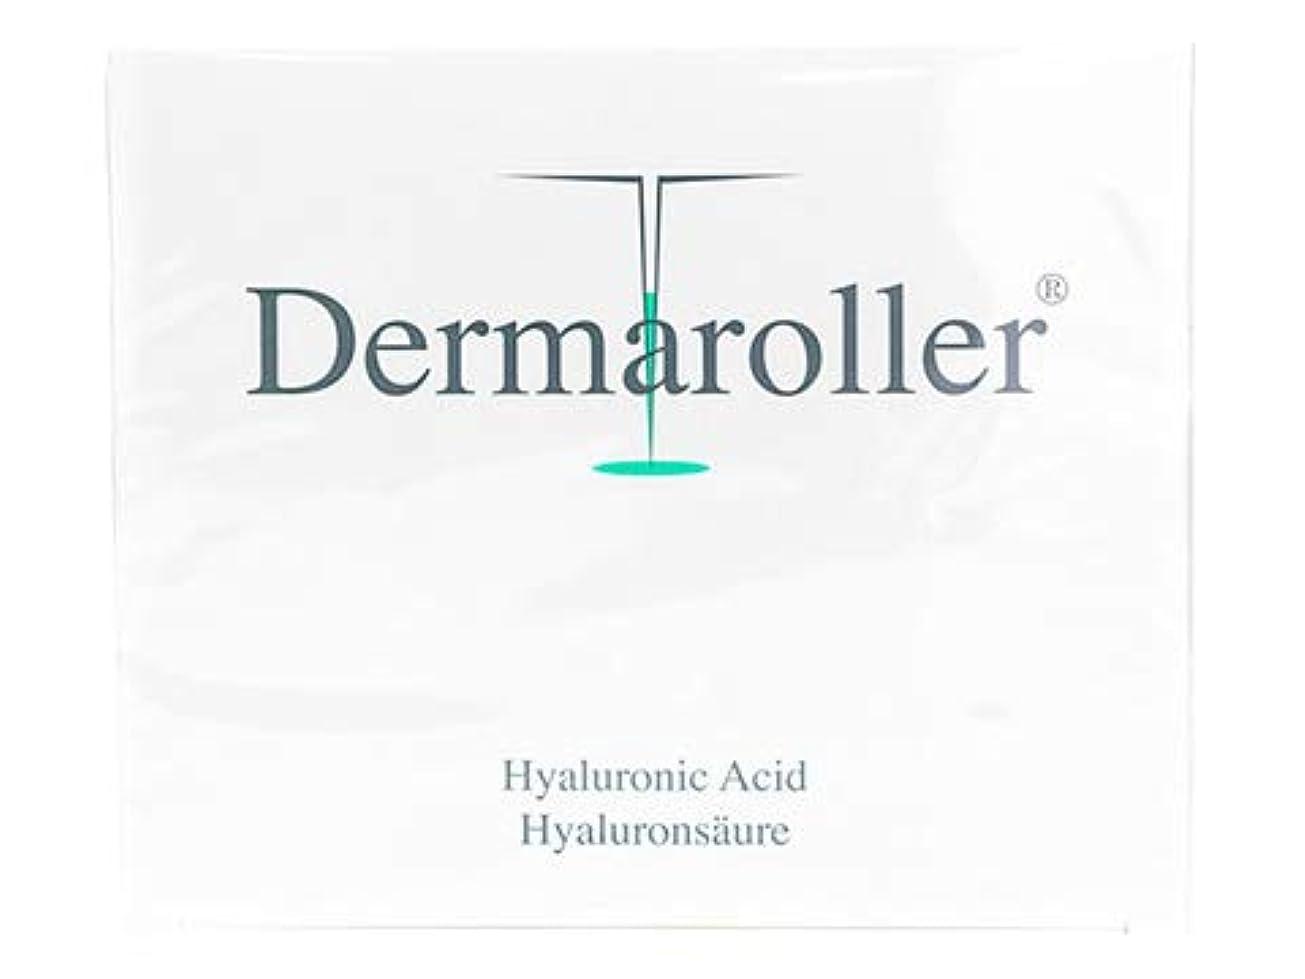 箱成分スズメバチダーマローラー ヒアルロン酸 美容液 1.5ml30本 1箱 Dermaroller HyaluronicAcid Made in Germany